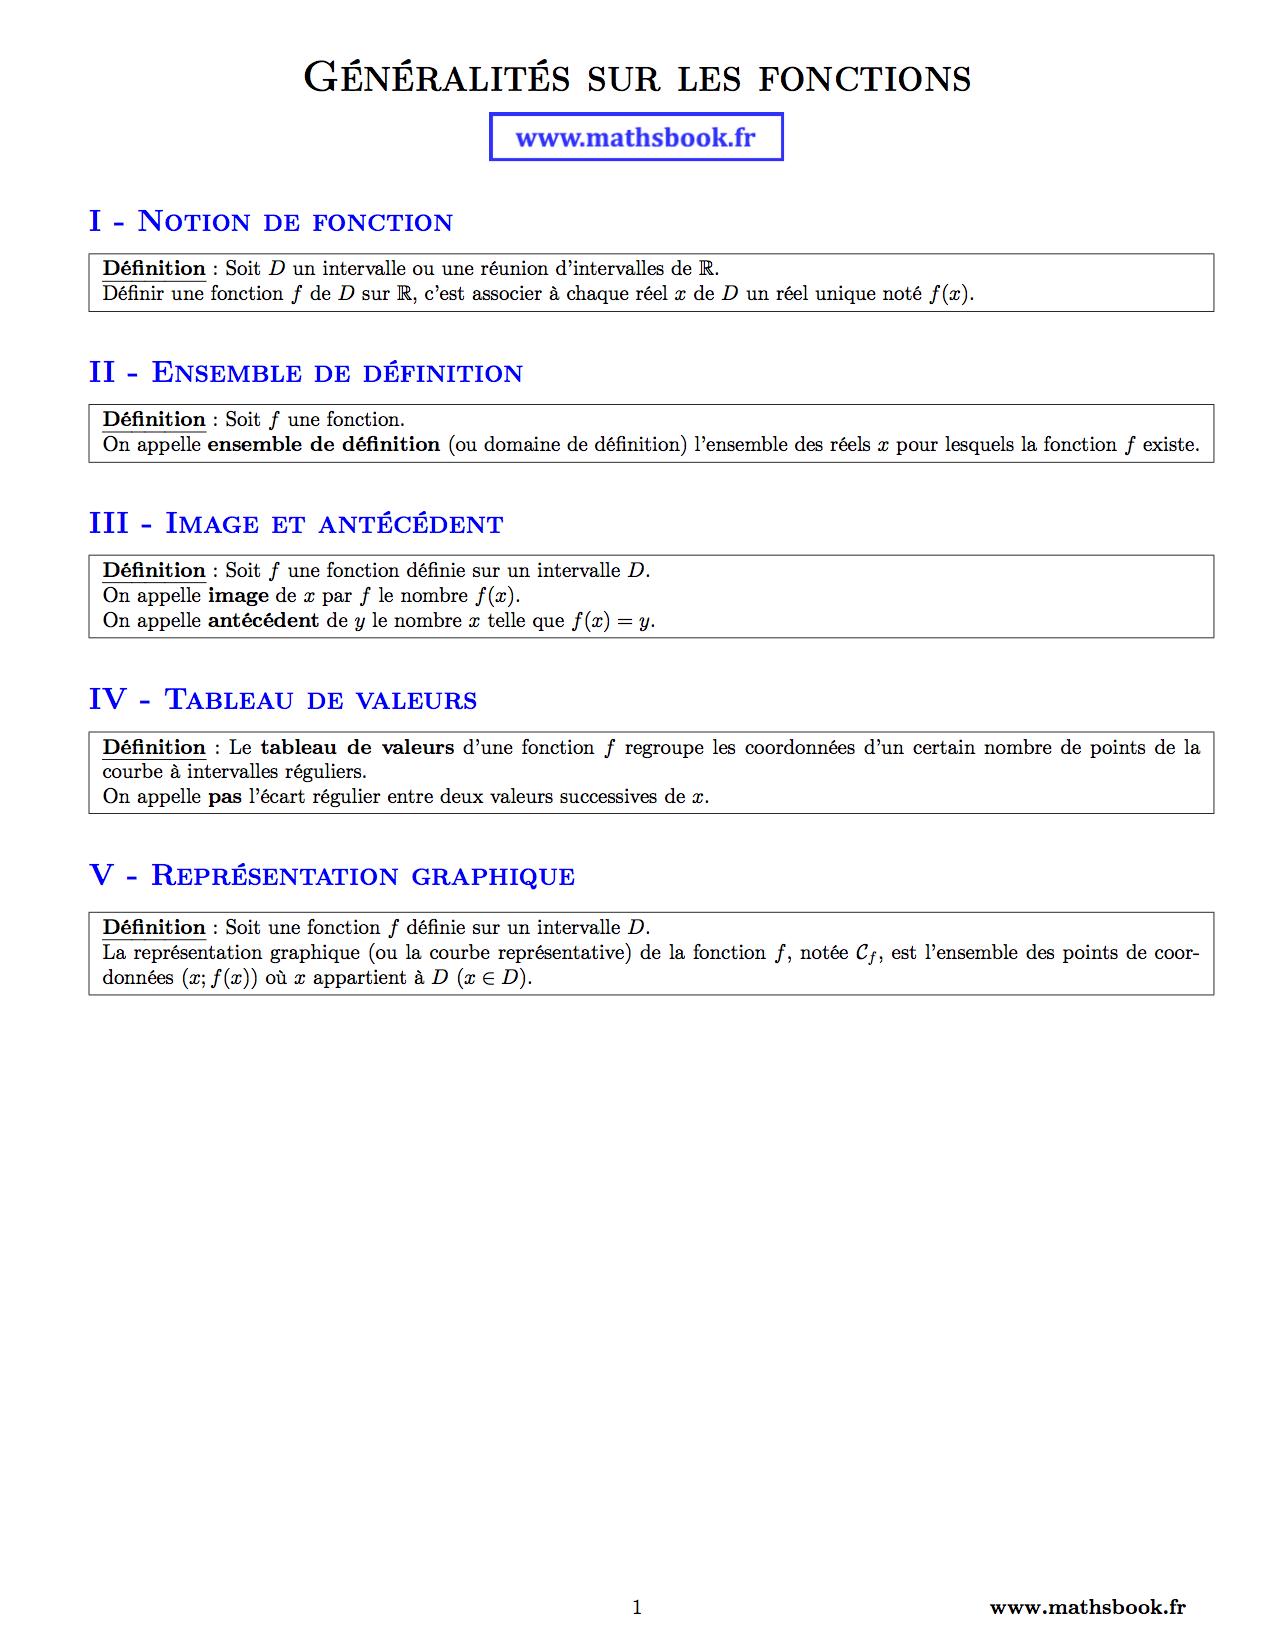 Les fonctions de mathematique. 1ère Management